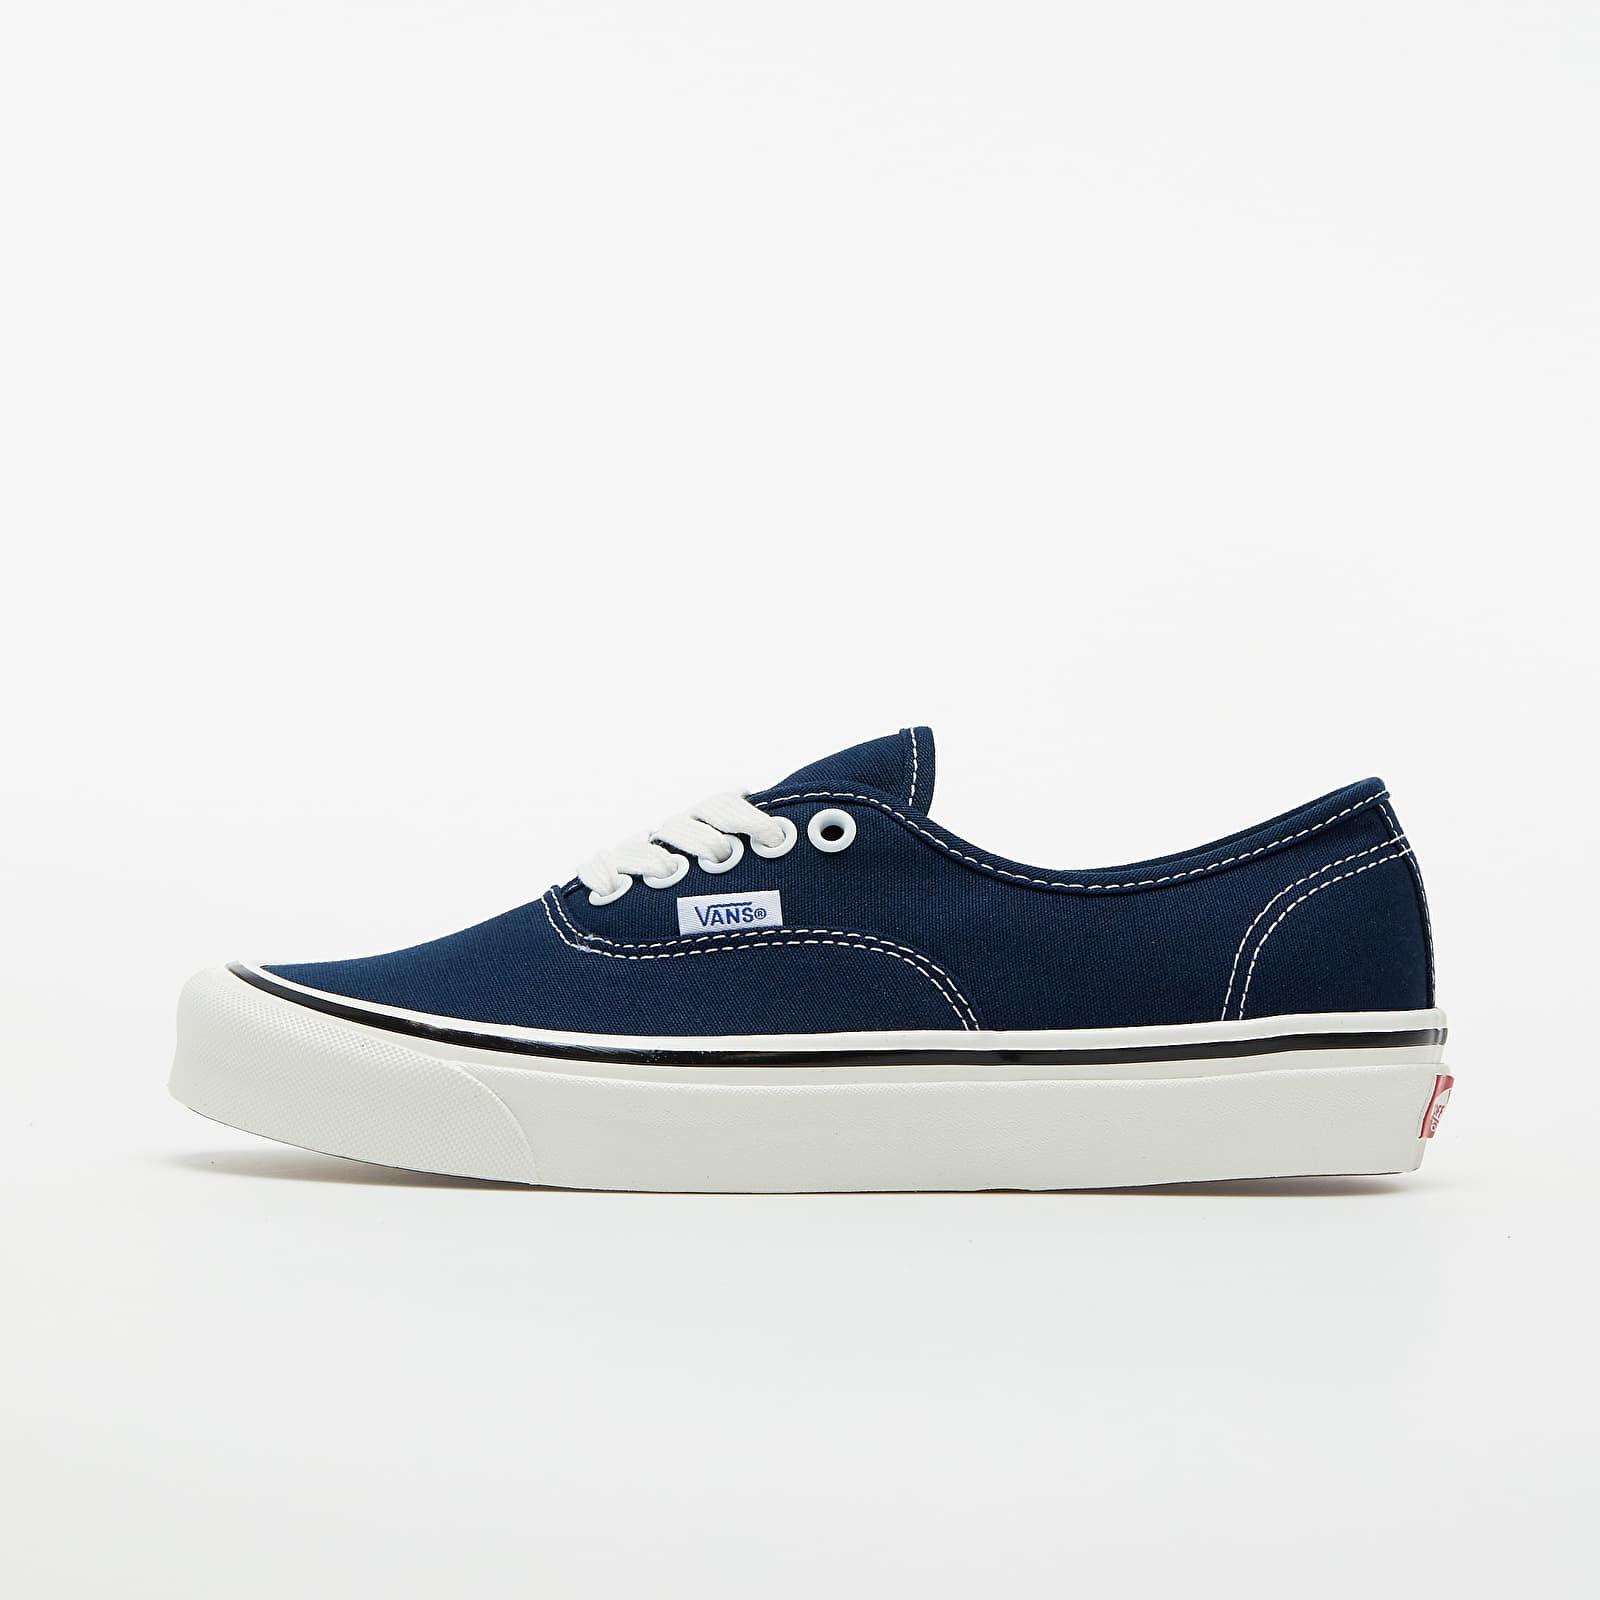 Vans Authentic 44 DX (Anaheim Factory) Dress Blue | Footshop